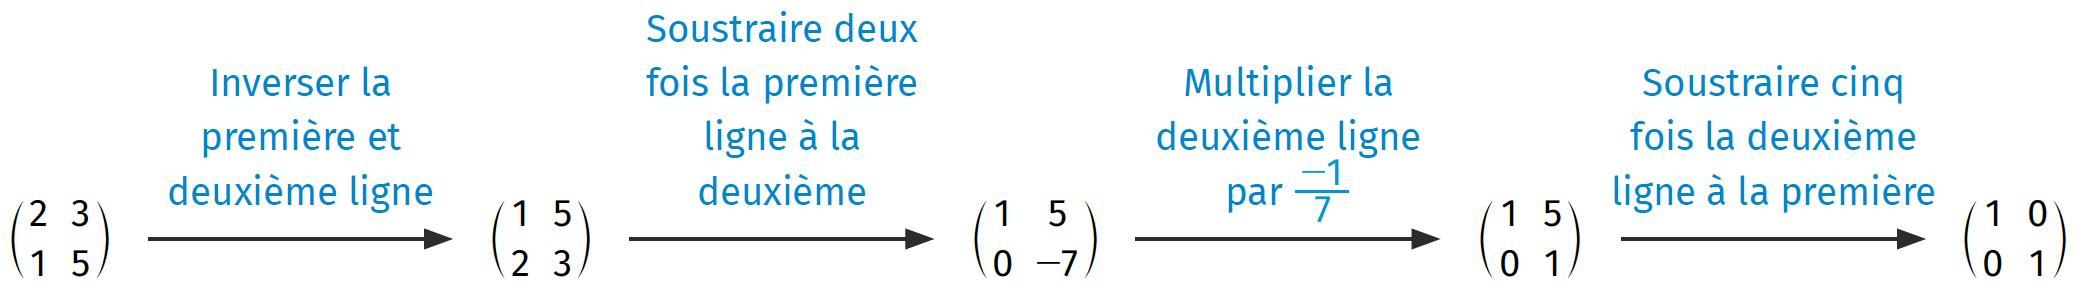 pivot de gauss1